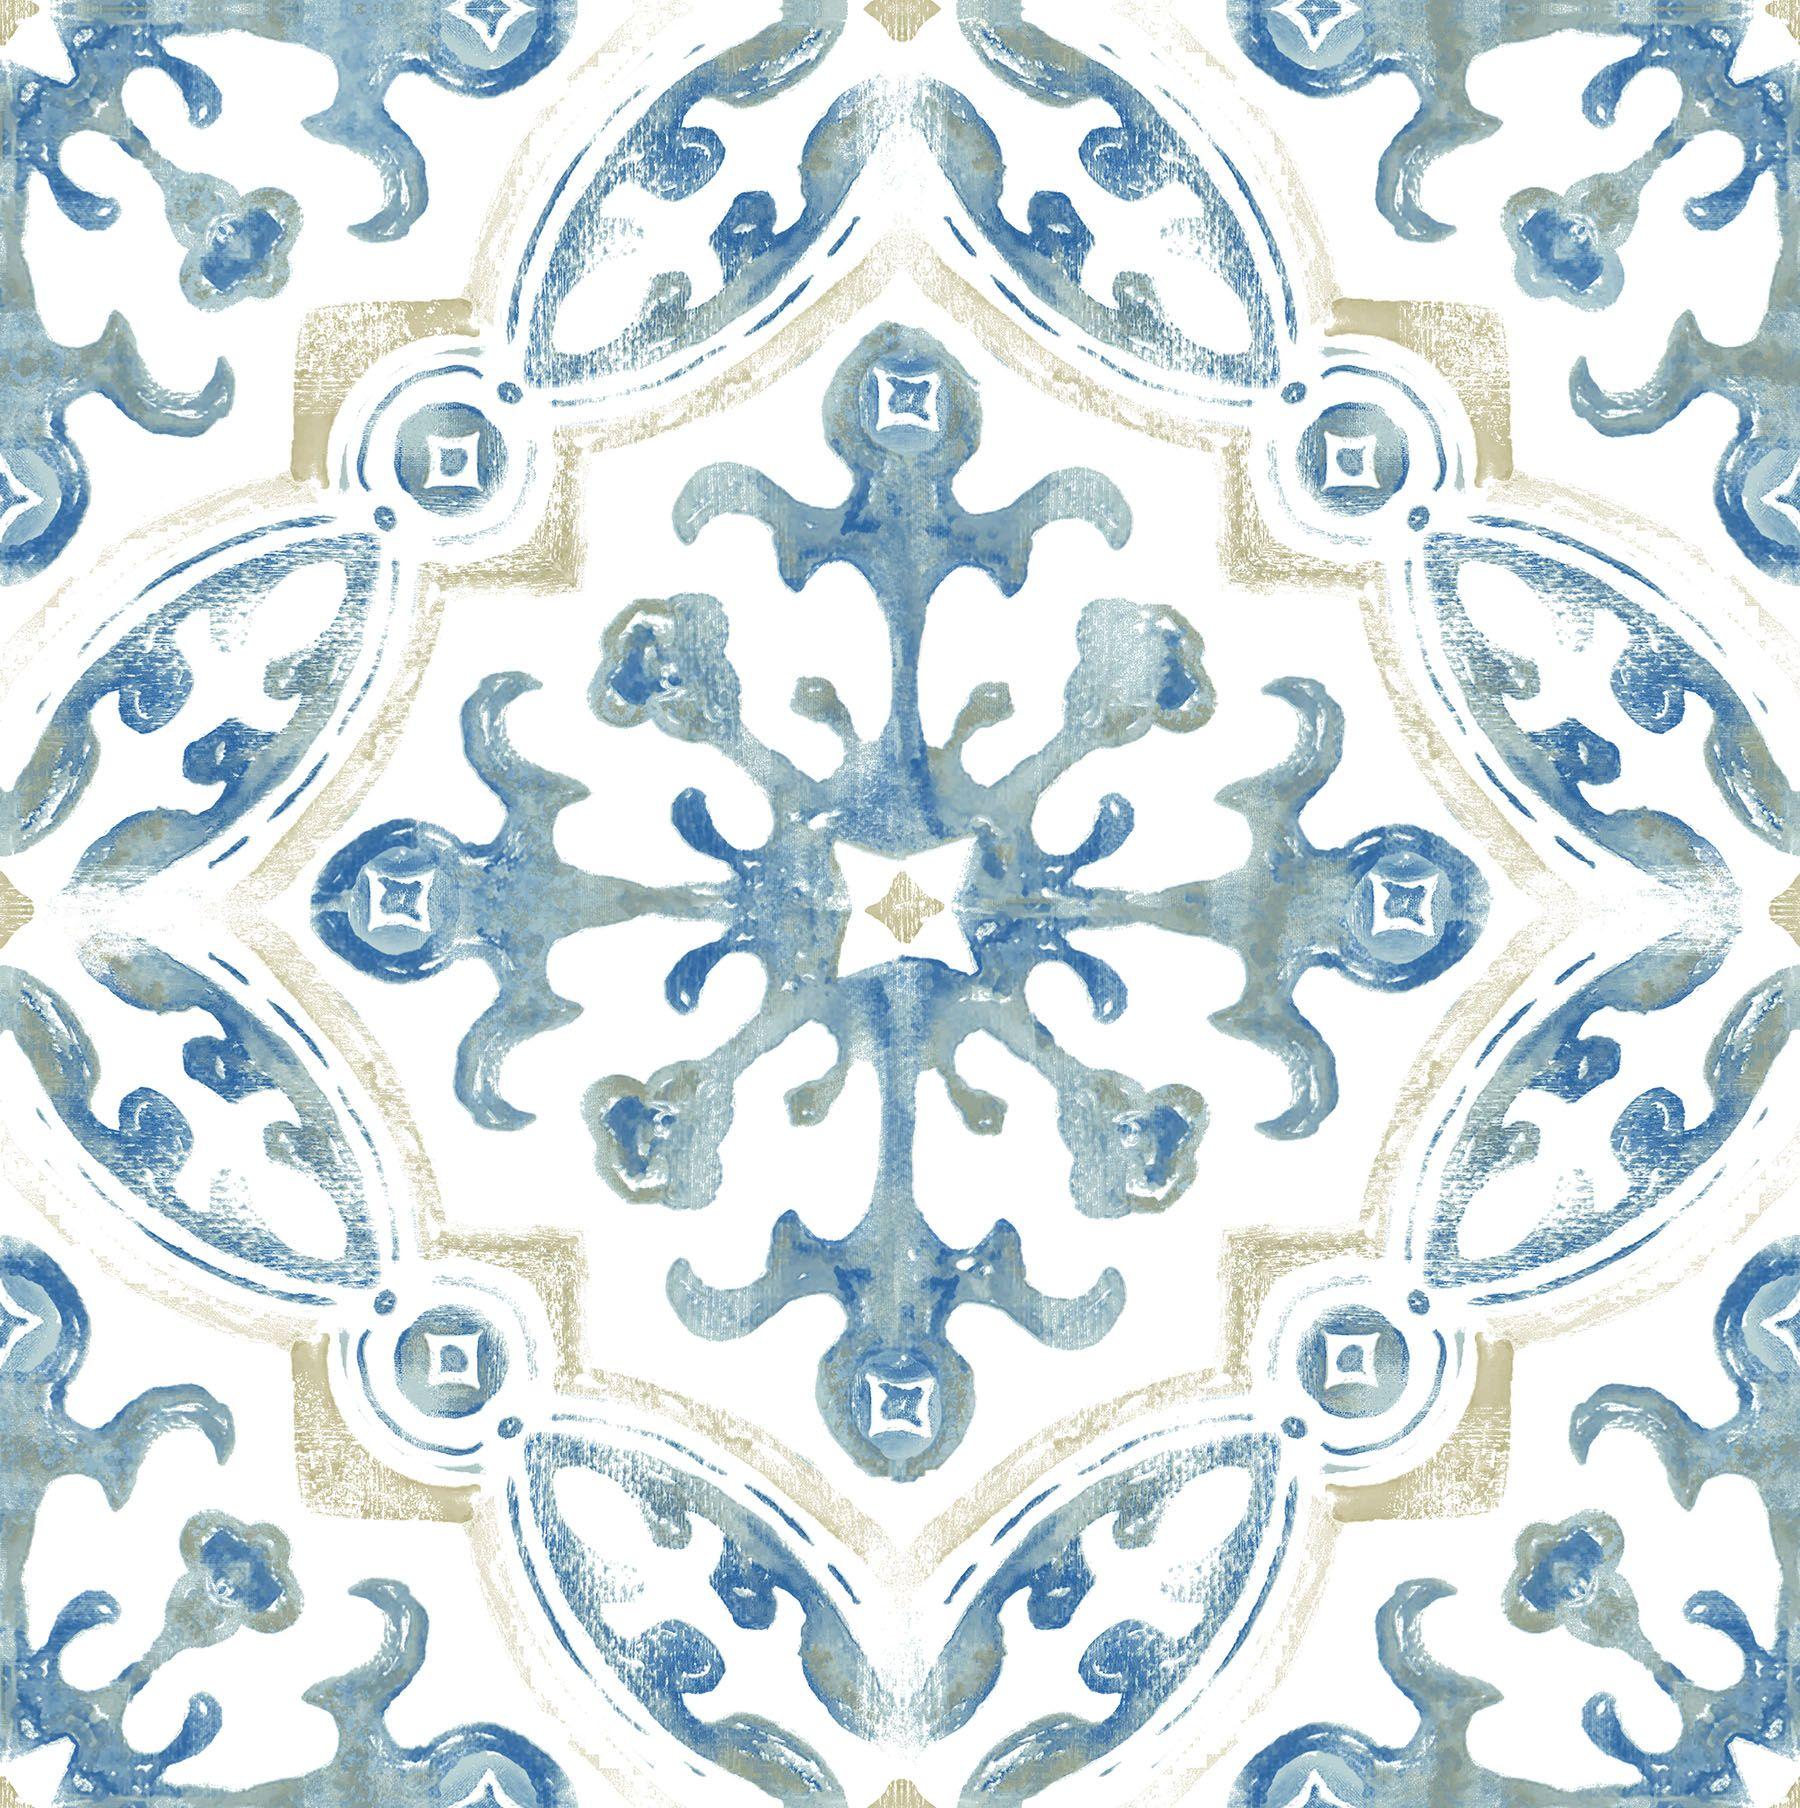 Floorpops Virgin Vinyl Blue Fp3299 Tuscan Peel Stick Floor Tiles Walmart Com In 2020 Peel And Stick Floor Peel And Stick Vinyl Vinyl Flooring